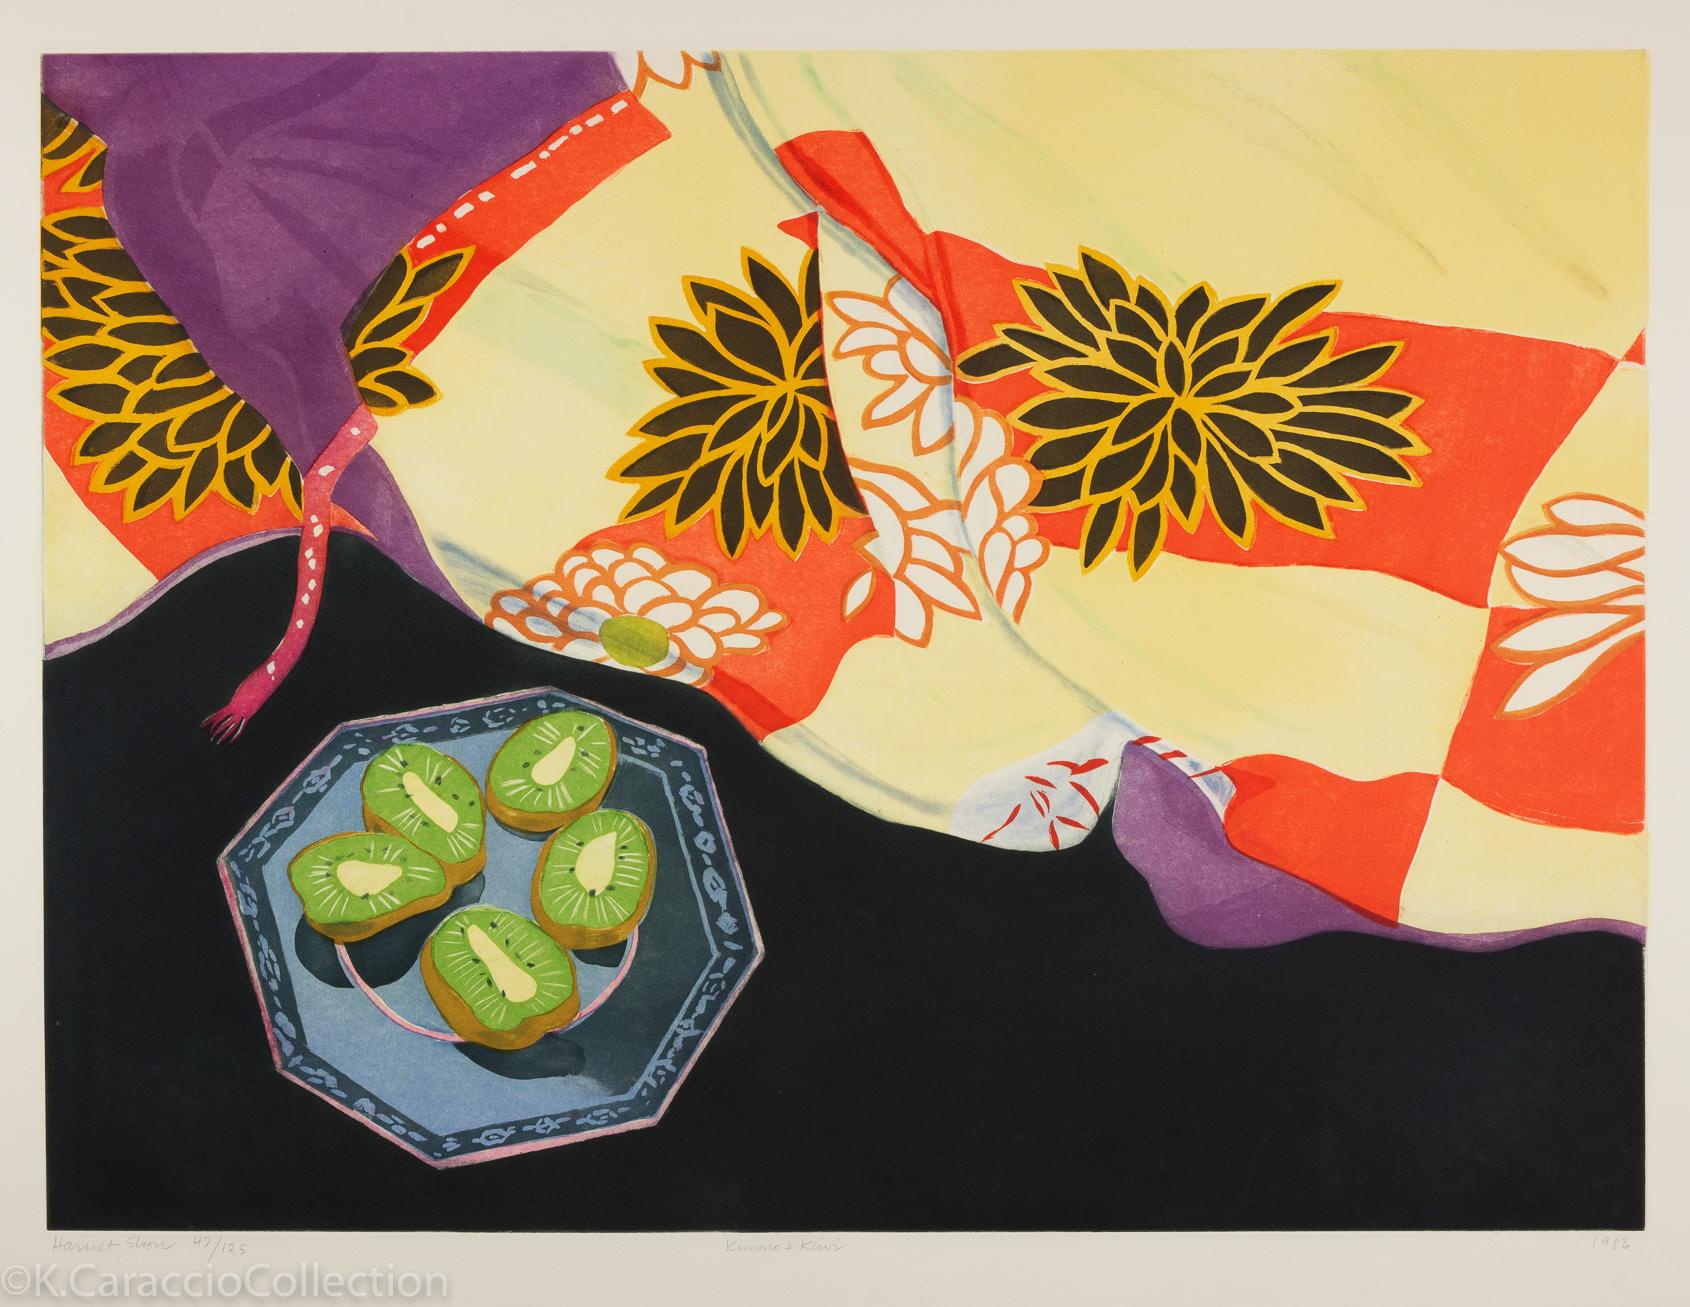 Kimono & Kiwi, 1990